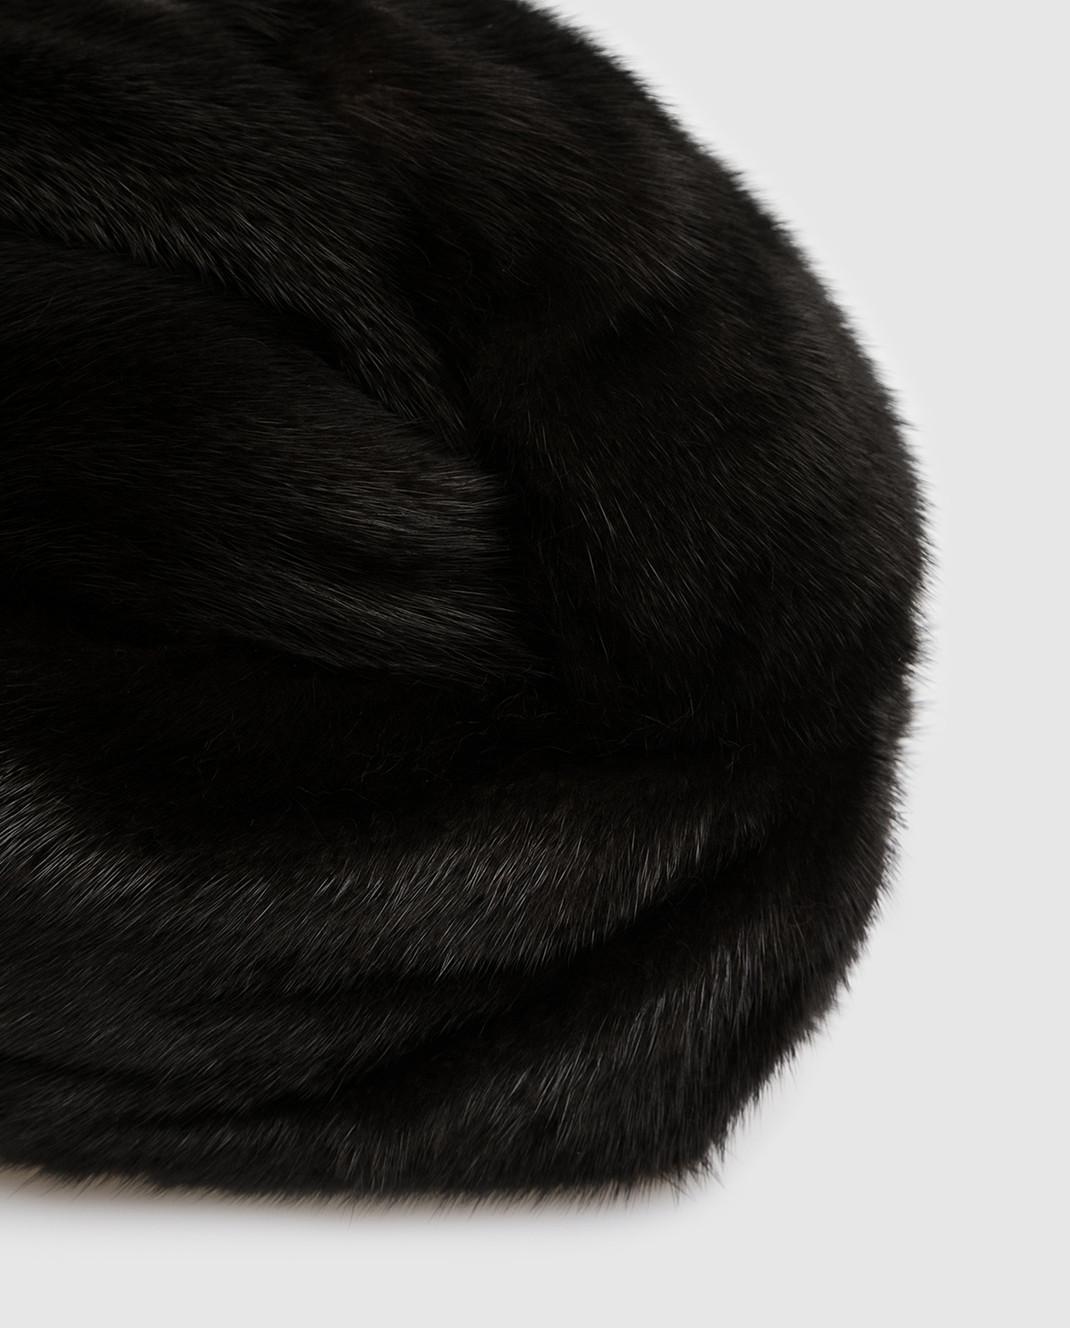 Simonetta Ravizza Черный тюрбан из меха норки TURBANTEBVISNE изображение 4